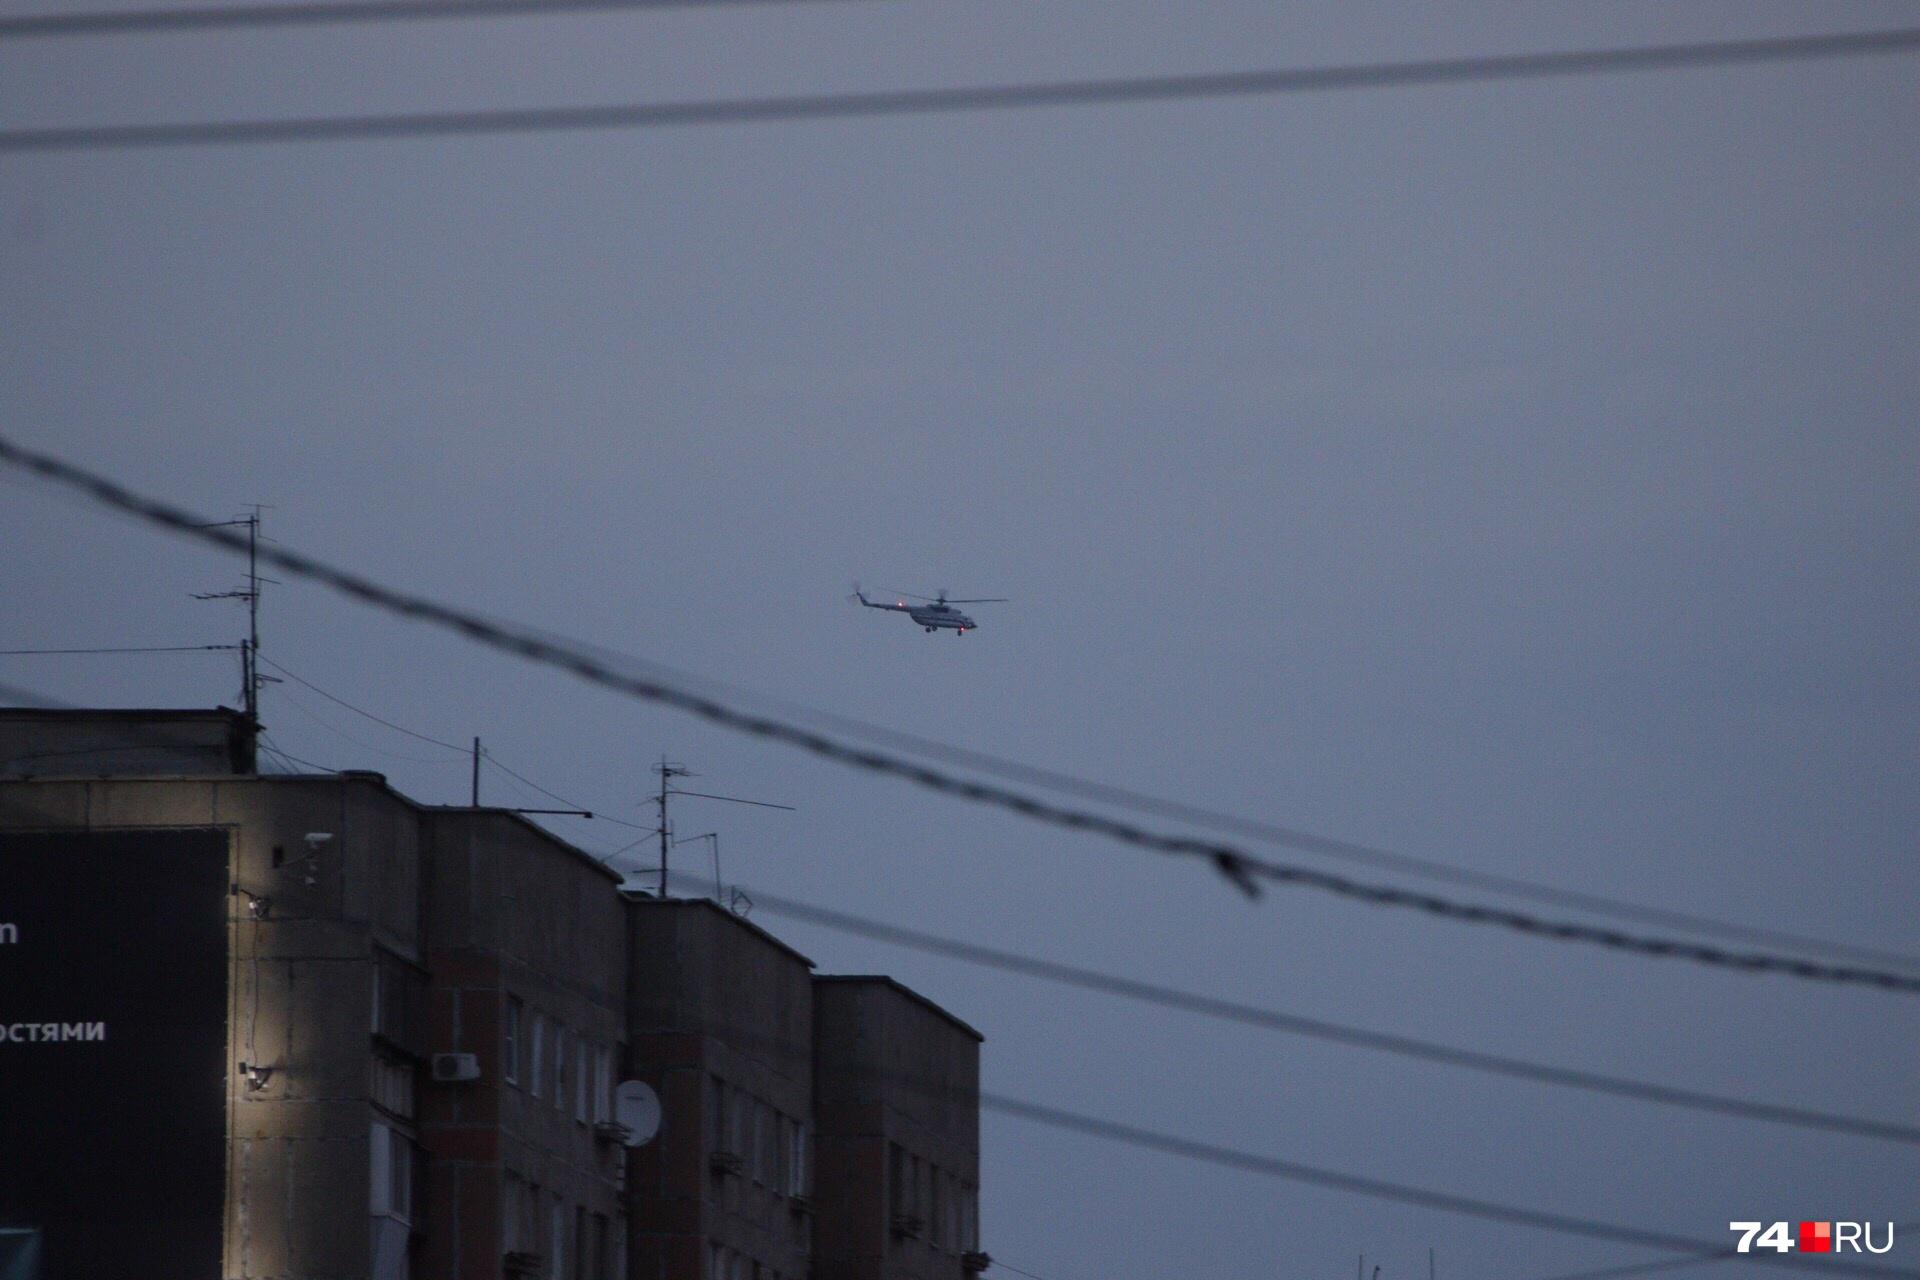 Путин снова всех удивил и прилетел в Магнитогорск на вертолете